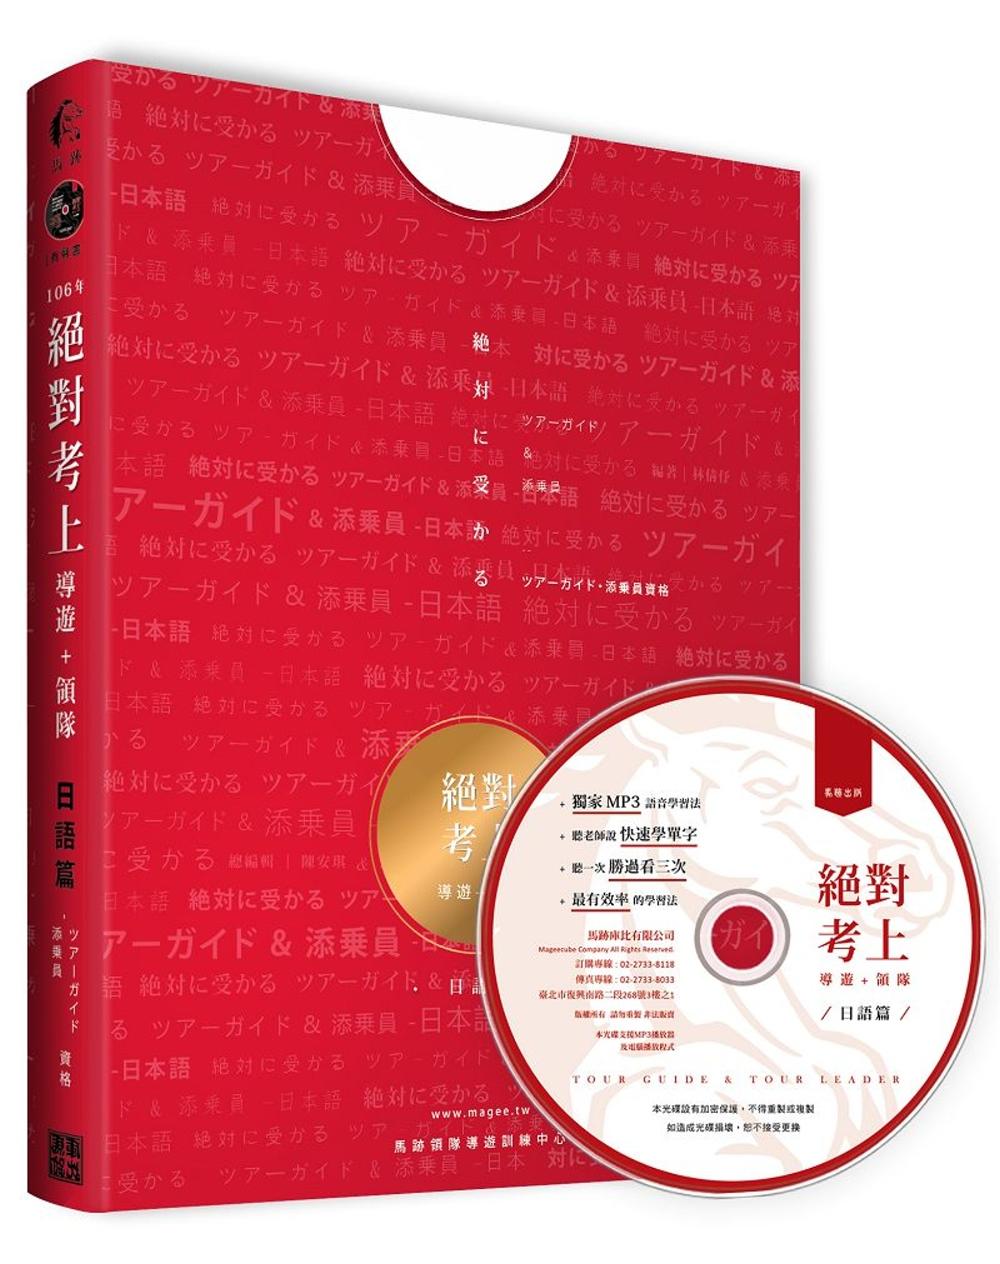 106年度絕對考上導遊+領隊【日語篇】有聲書【筆試+口試+帶團,一本搞定】雙色印刷